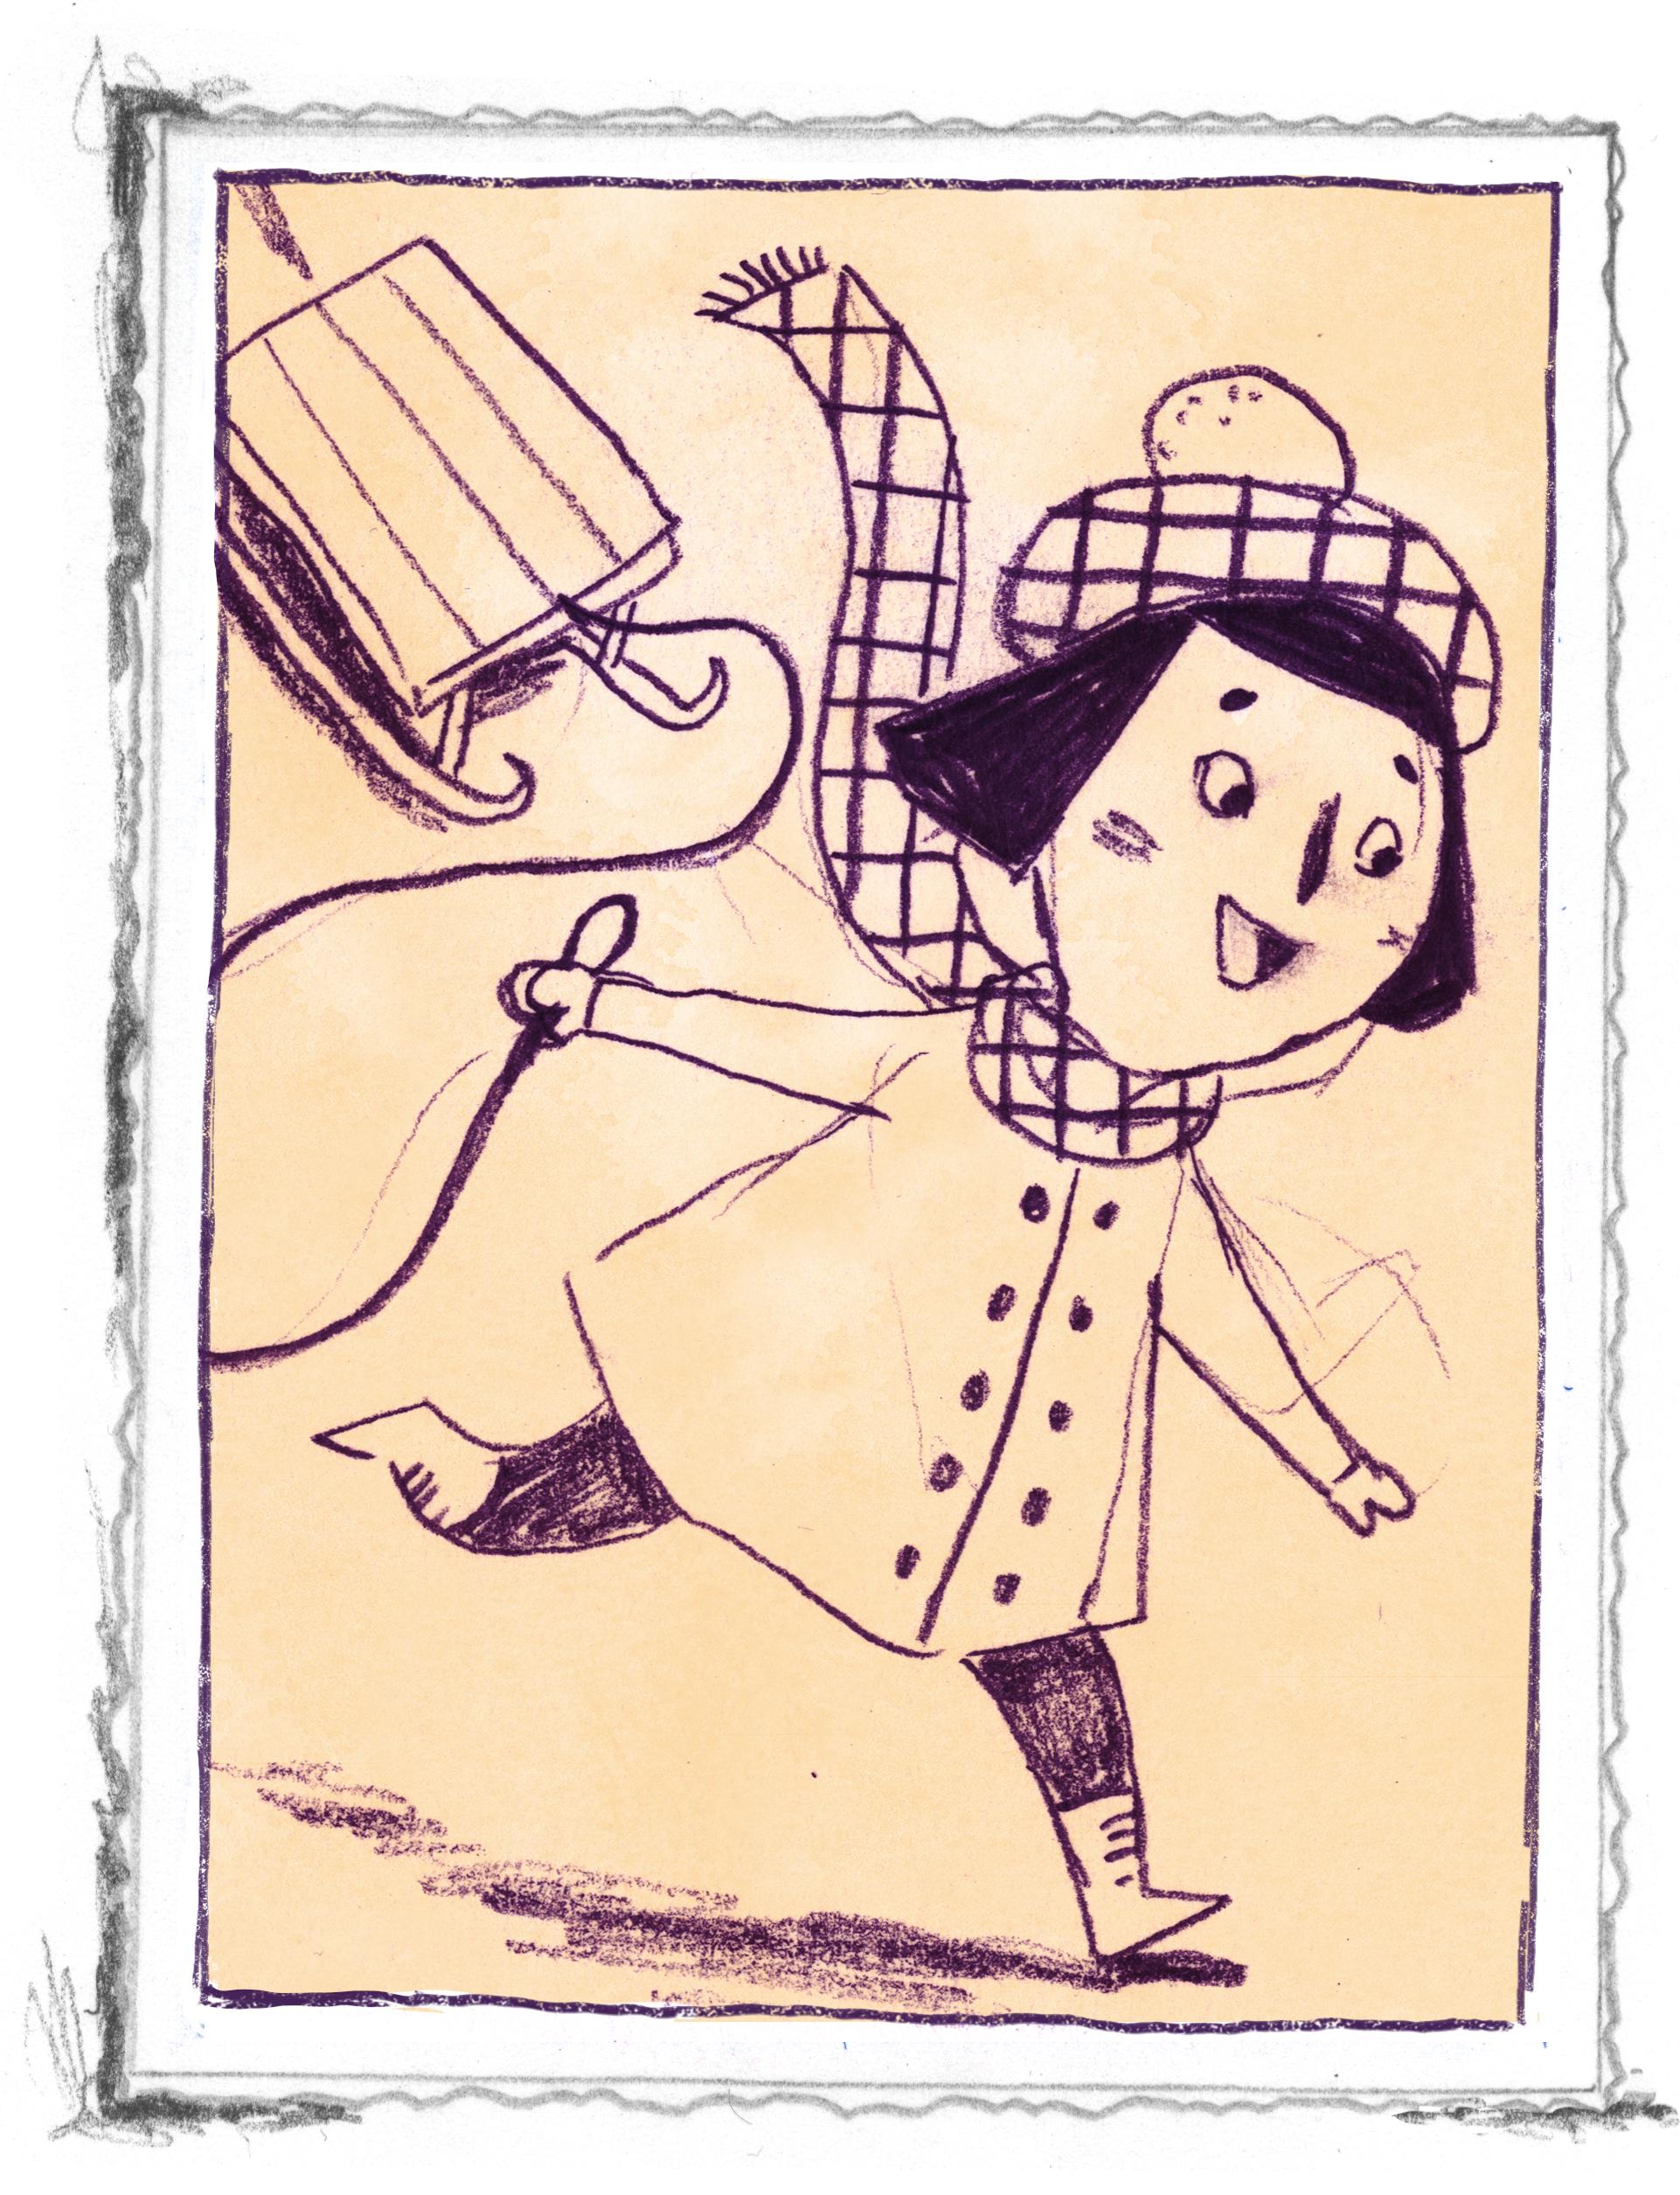 """Tegning fra """"Lillepigen fra Lolland"""" af Line Malling Schmidt, udgivelsesdato: 30. september 2019."""